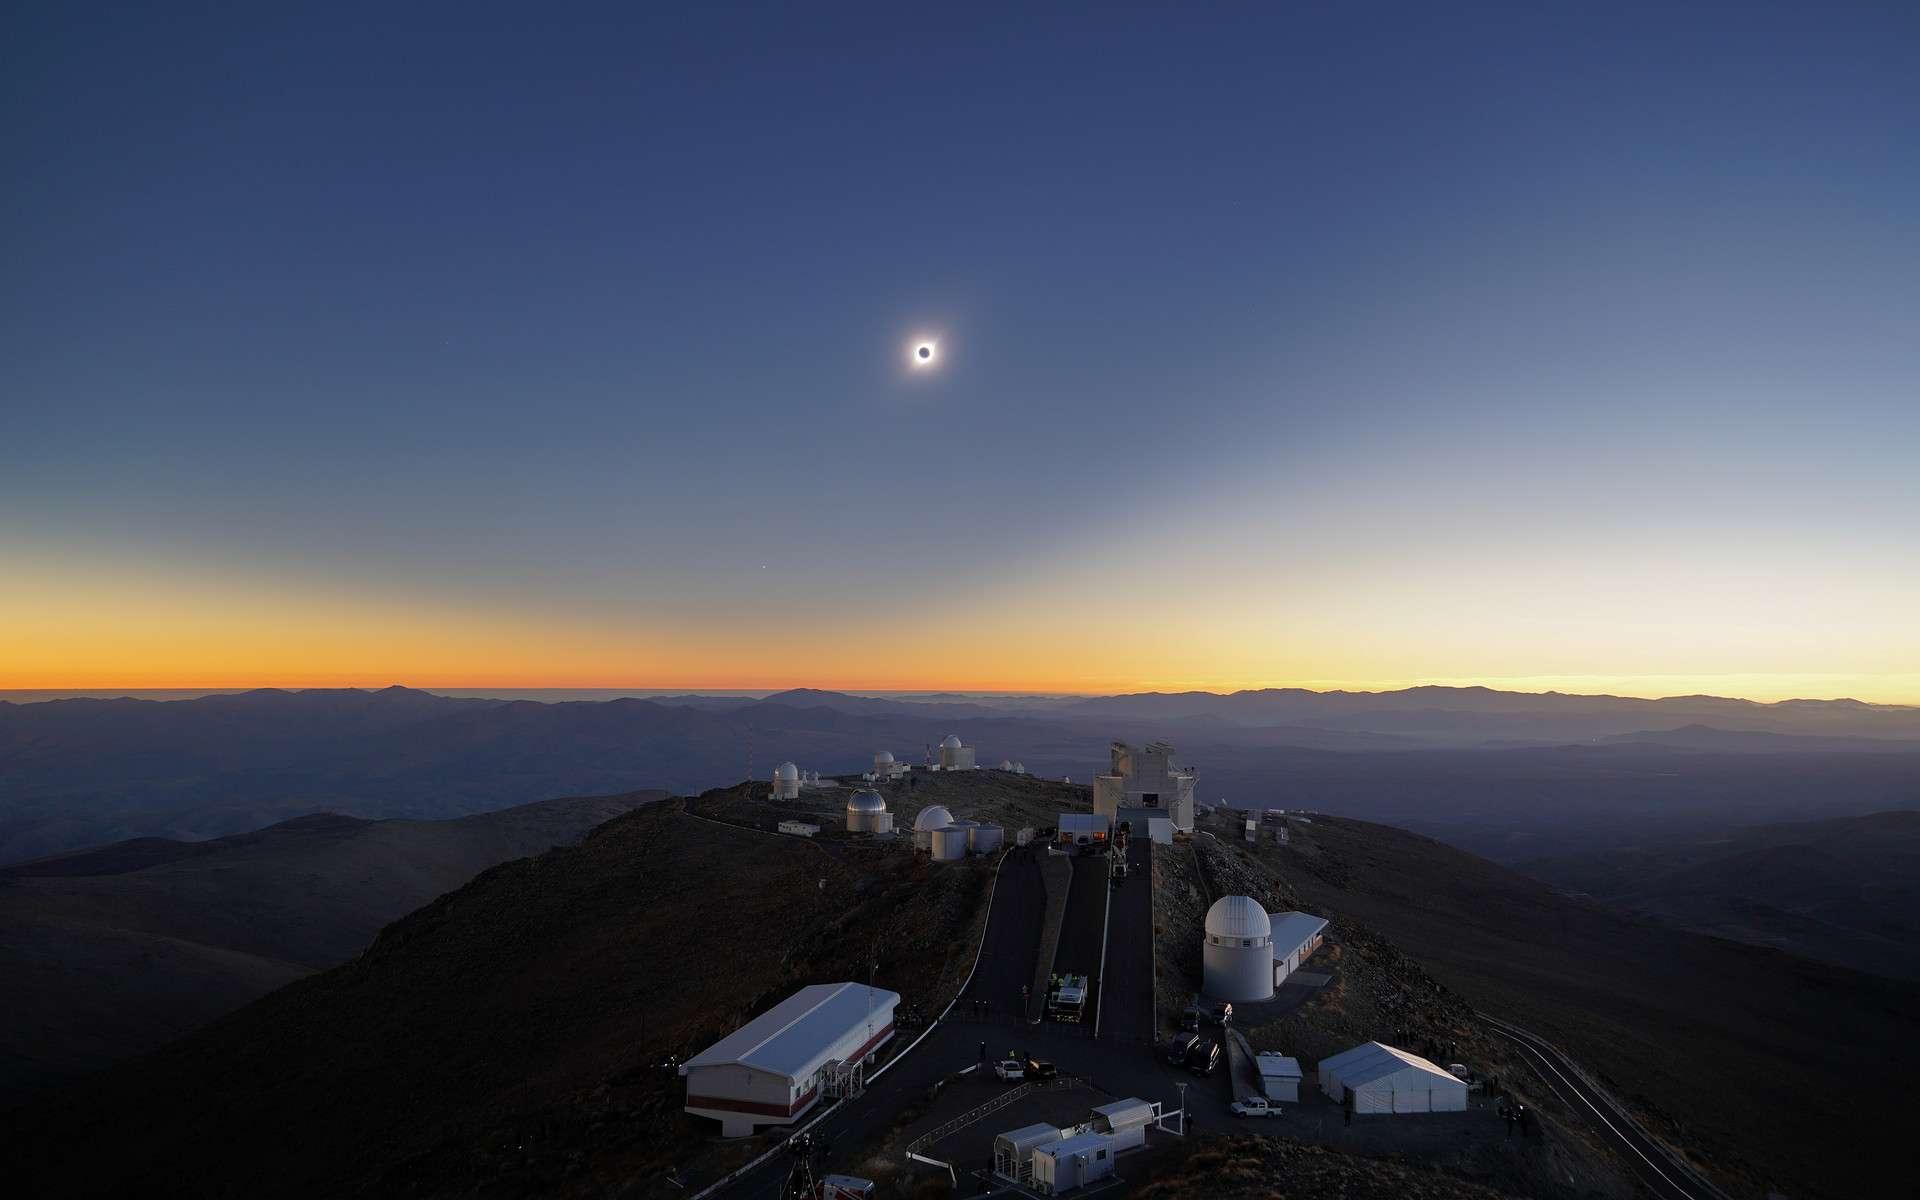 L'Observatoire européen austral (ESO) de La Silla (Chili) était dans la bande de totalité de l'éclipse de Soleil du 2 juillet 2019. © ESO, R. Lucchesi